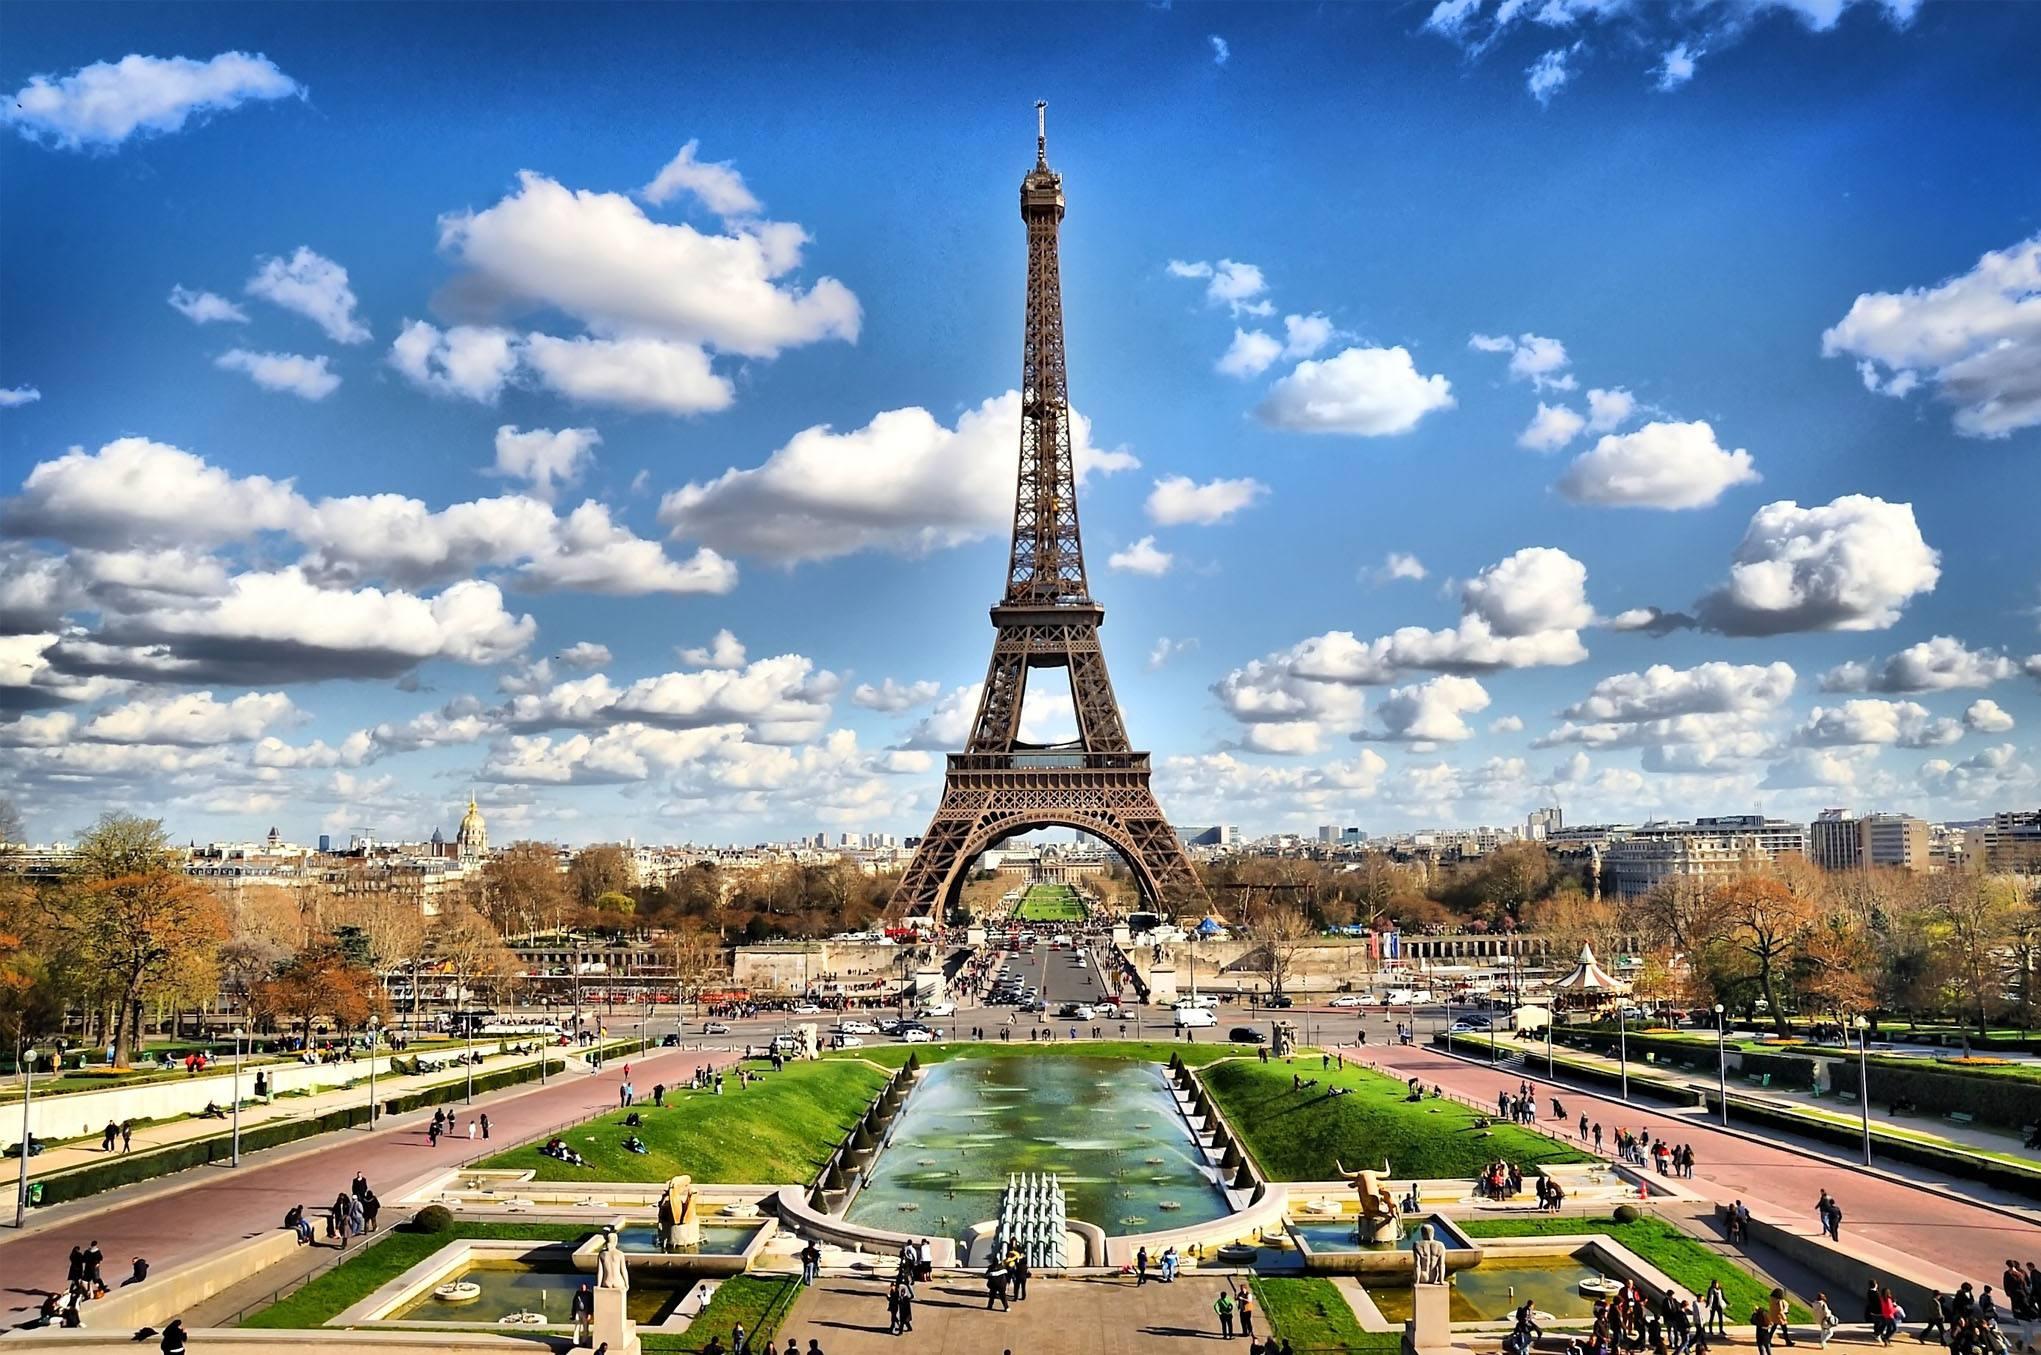 欧盟赠1.5万张旅游通票 助青年了解各国风土人情